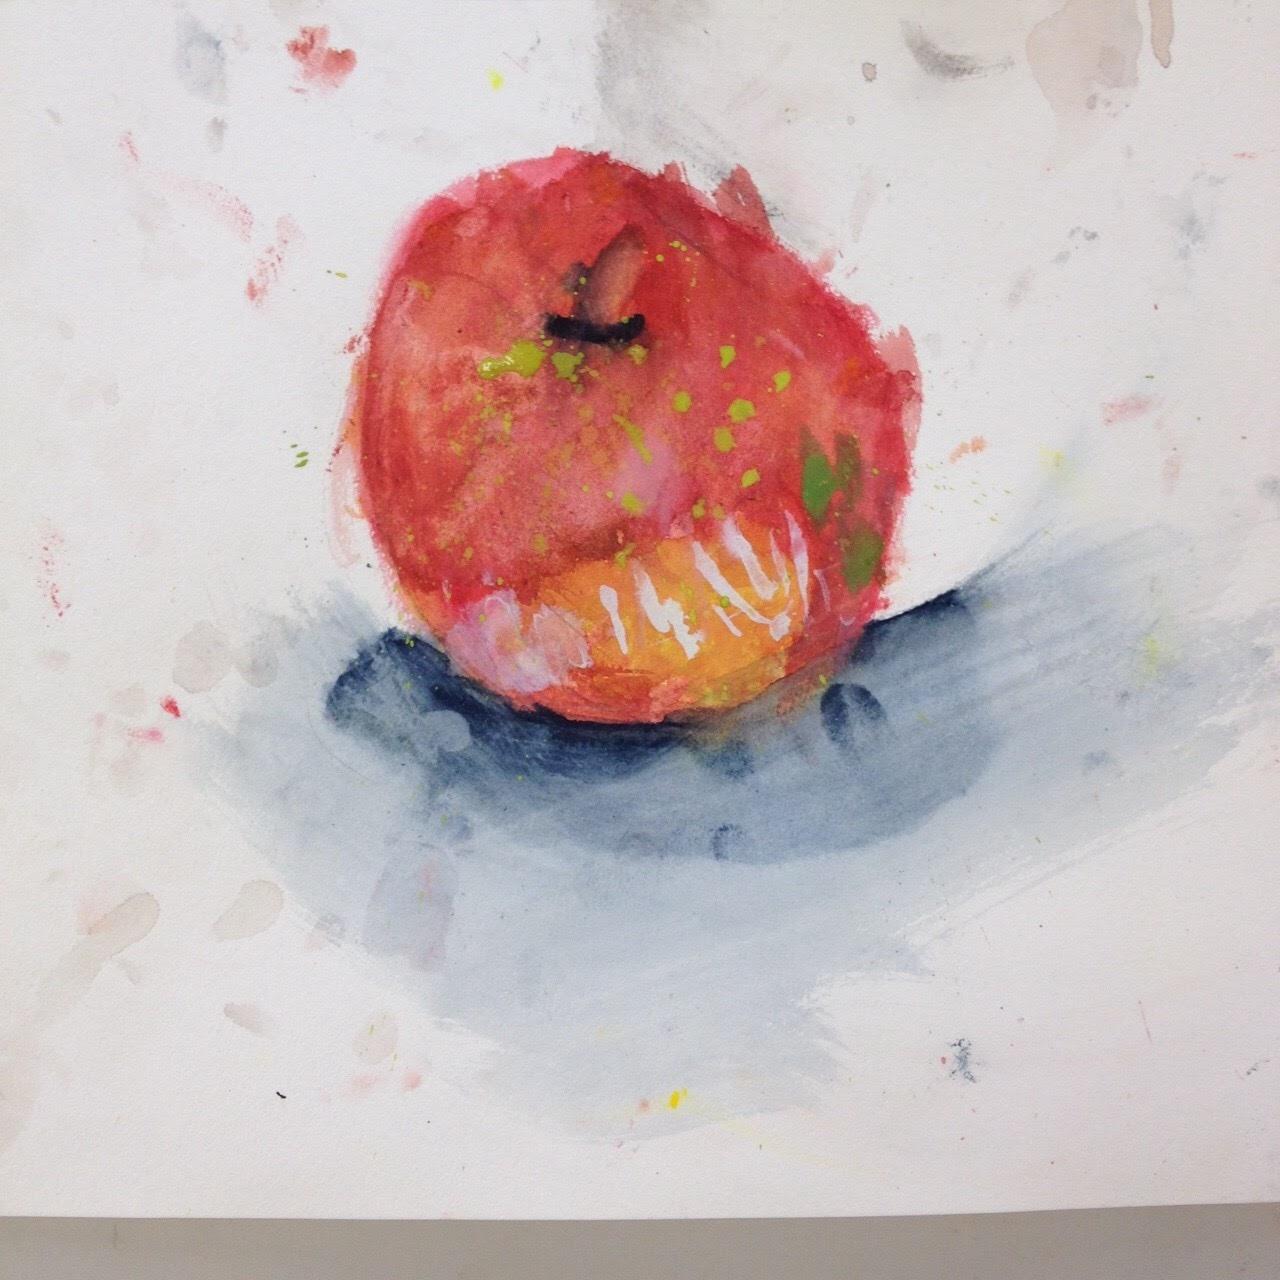 素敵なりんごが描けました!